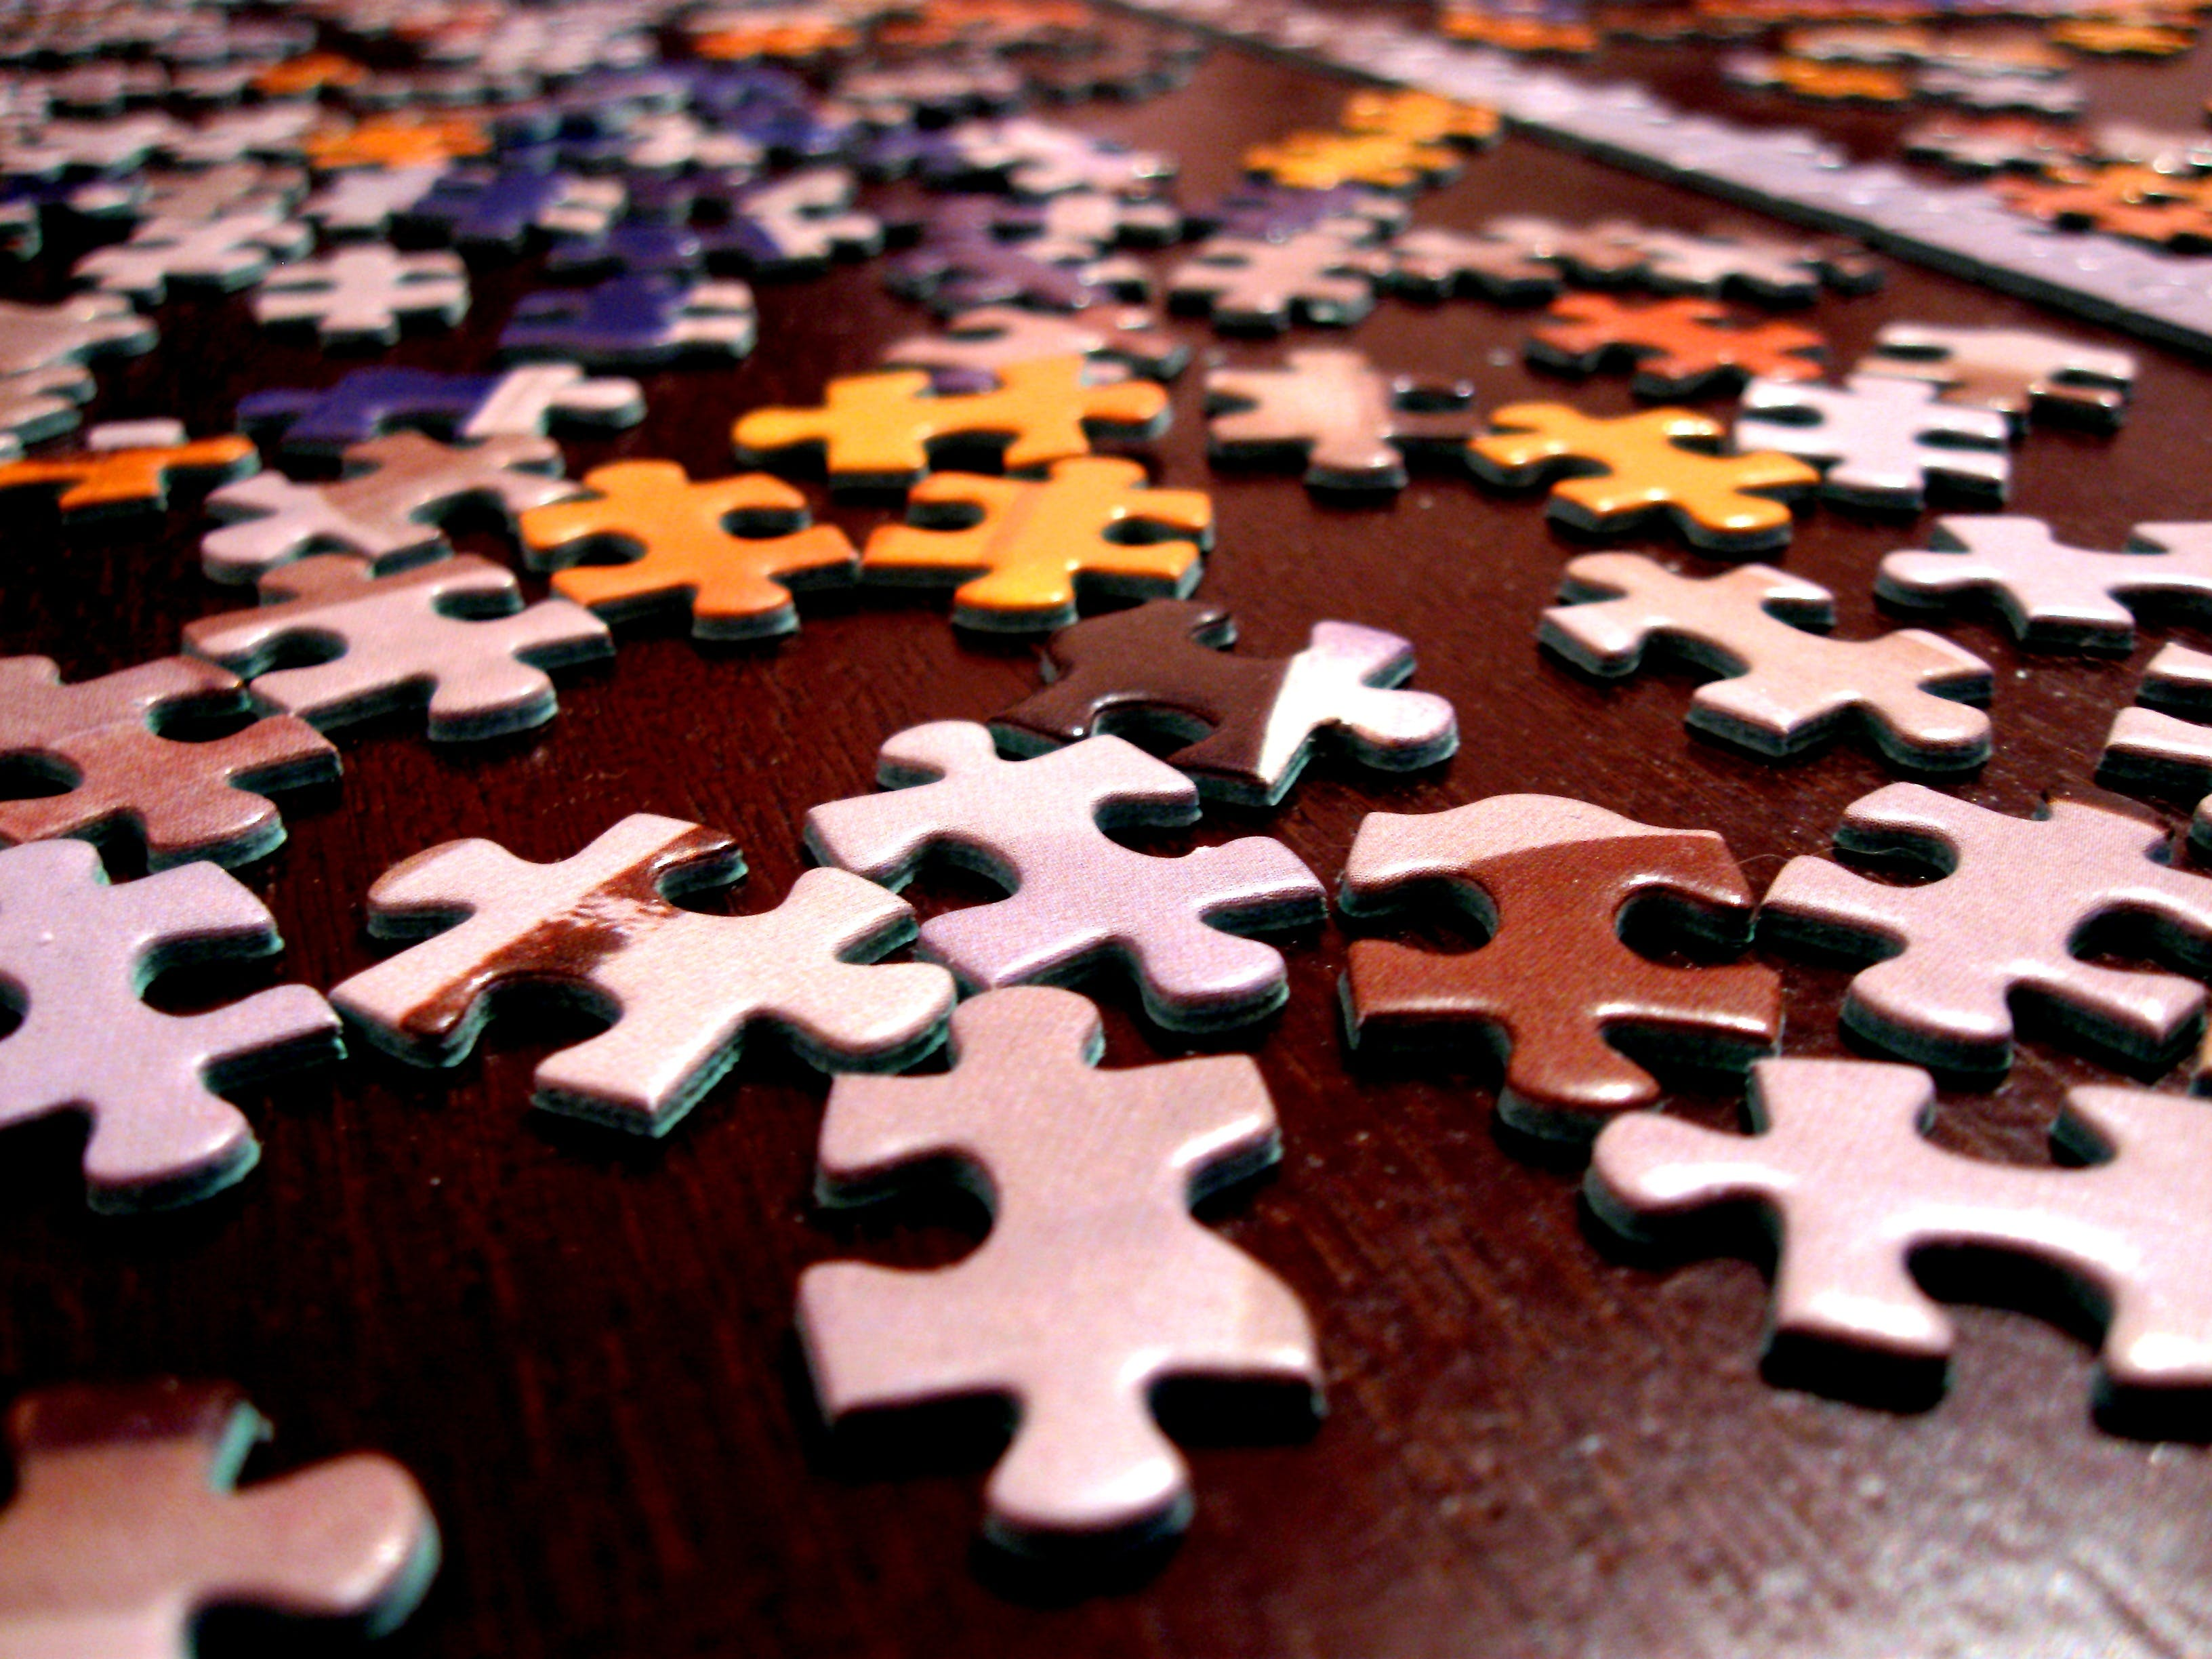 assemble, challenge, combine